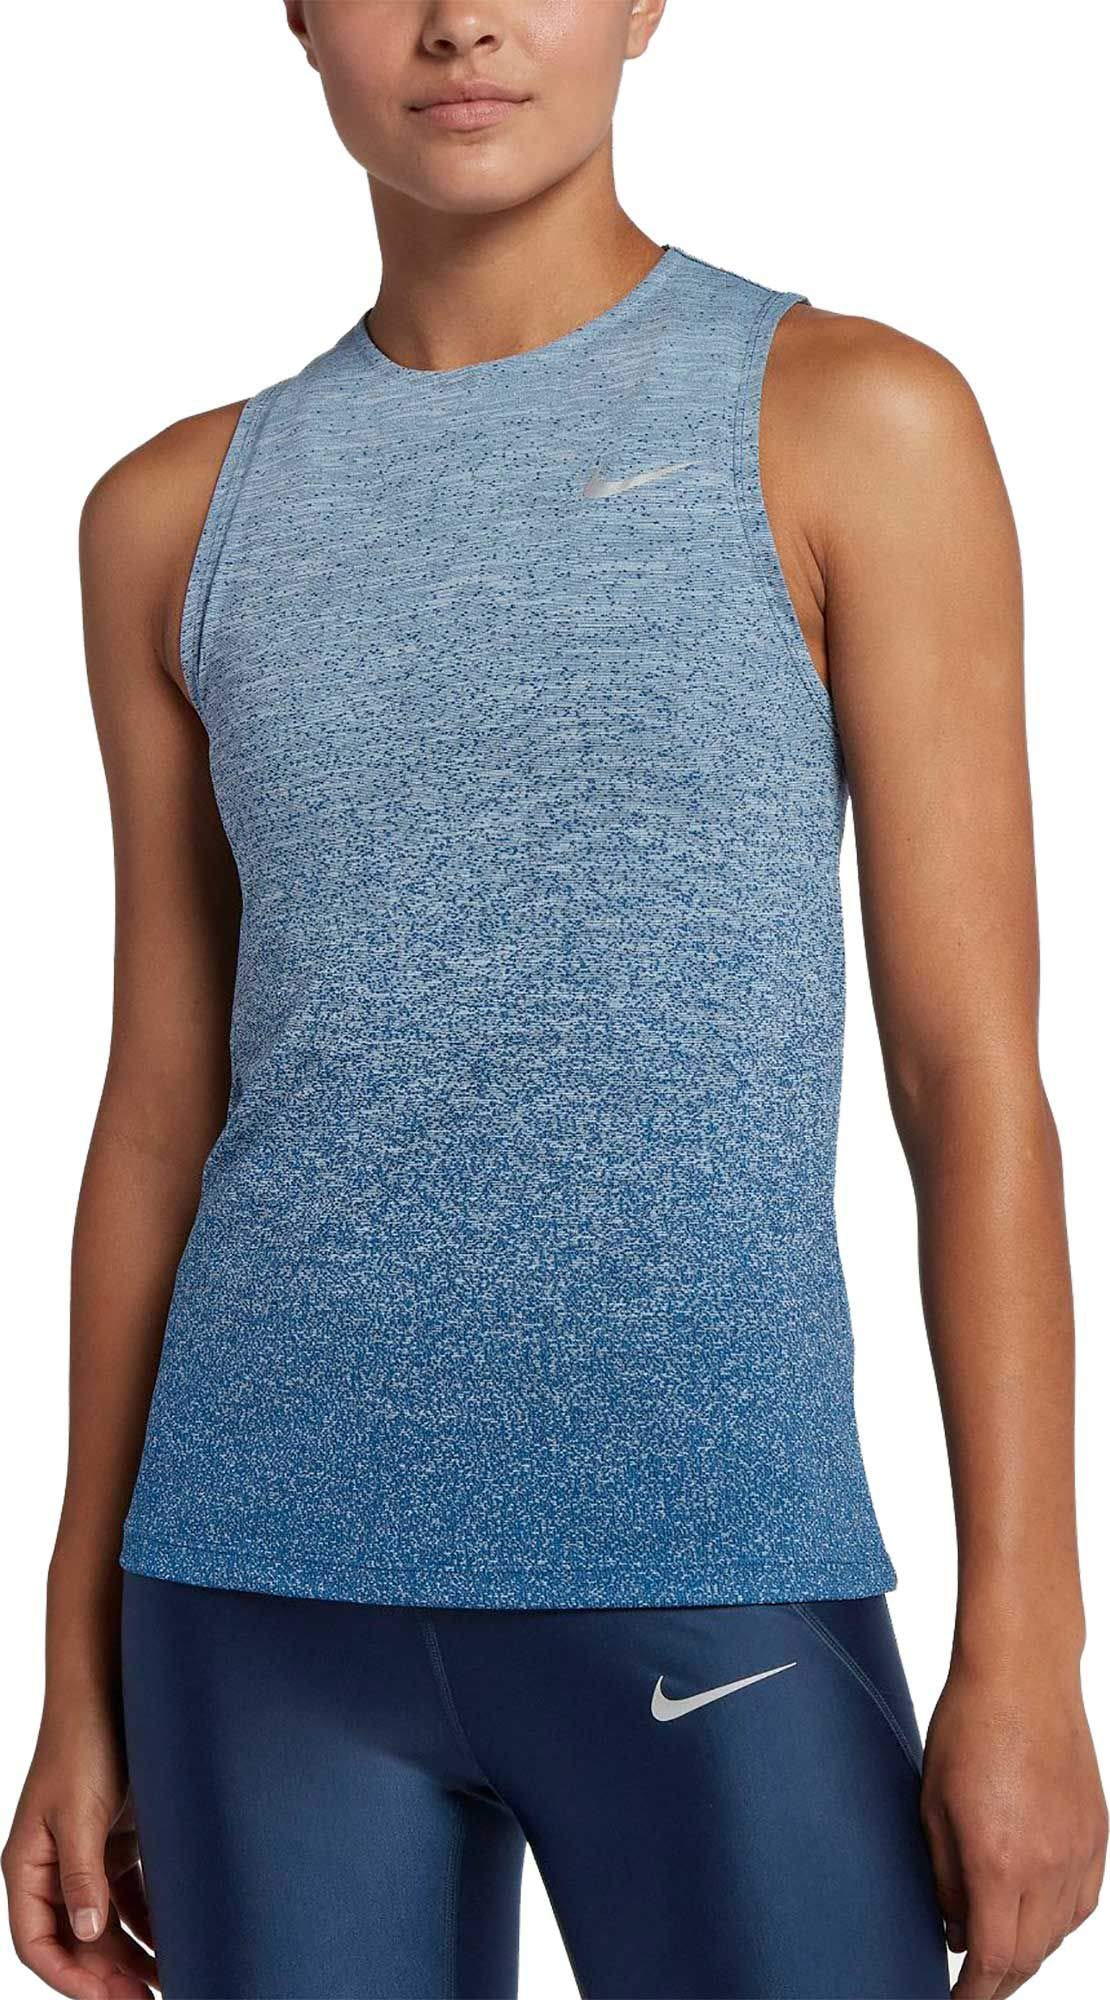 Nike Women's Medalist Running Tank Top (Cobalt Tint/Gym Blue, X-Small)